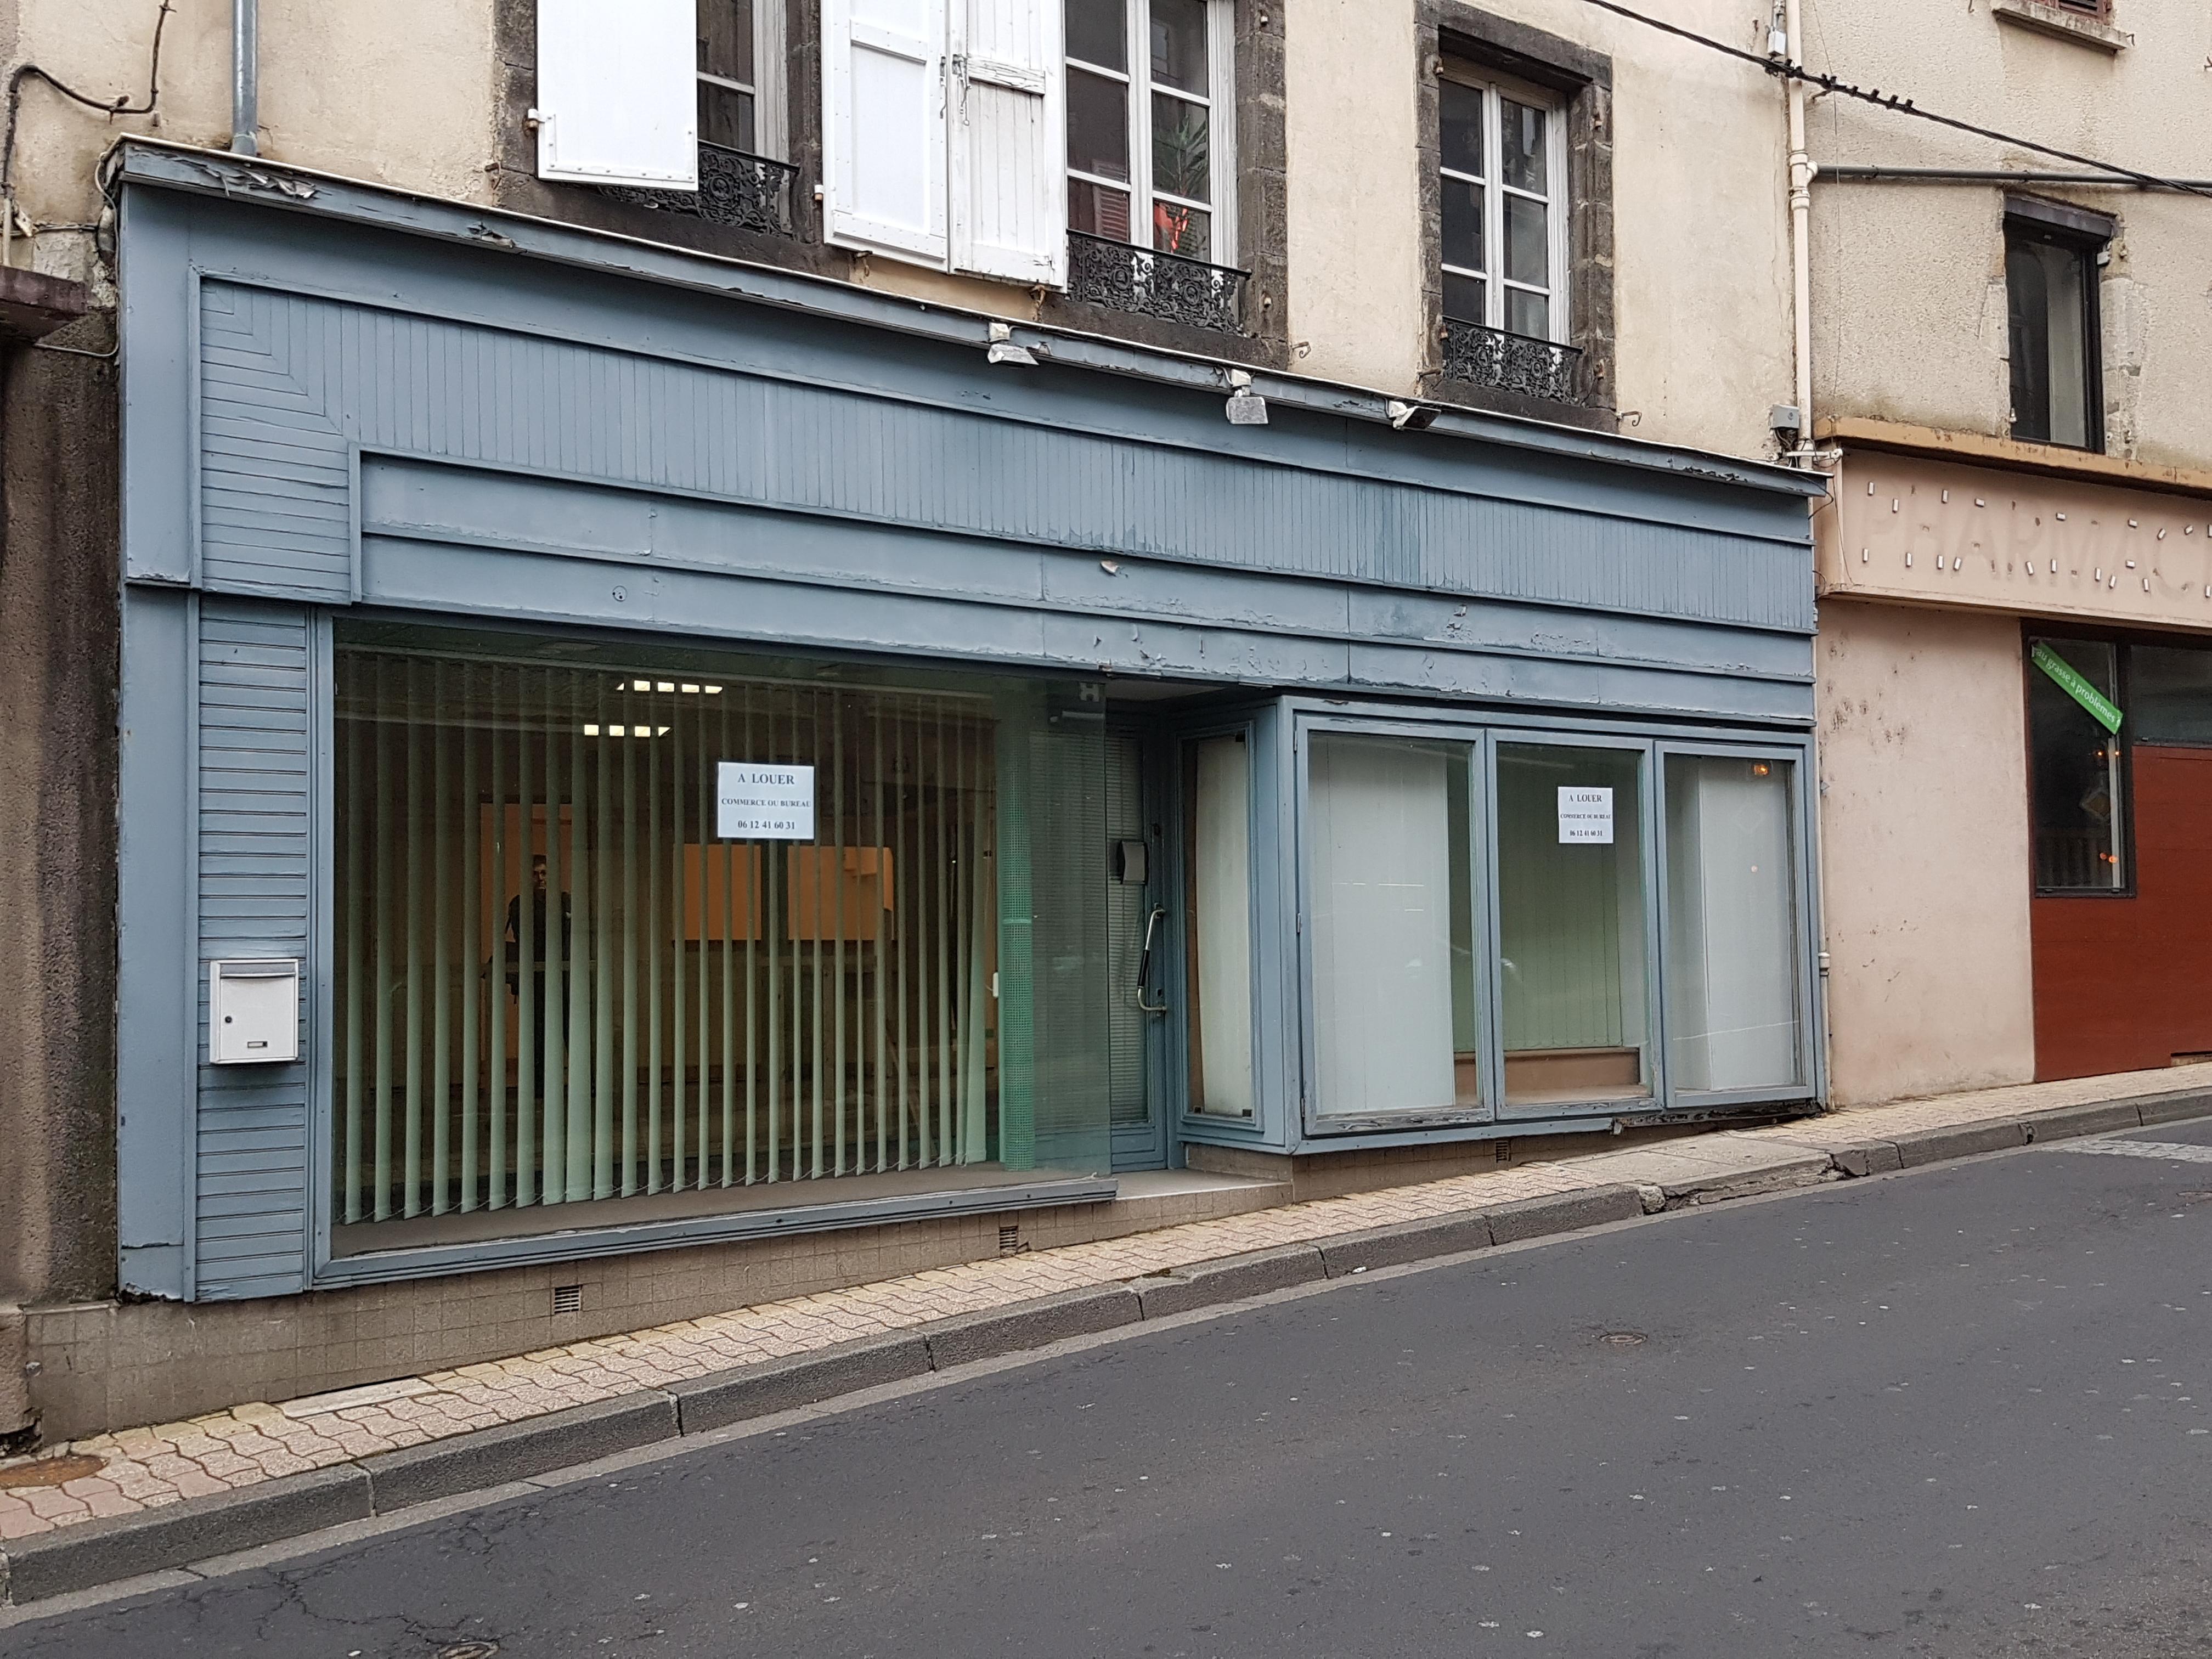 Local commercial ou bureaux / REF666